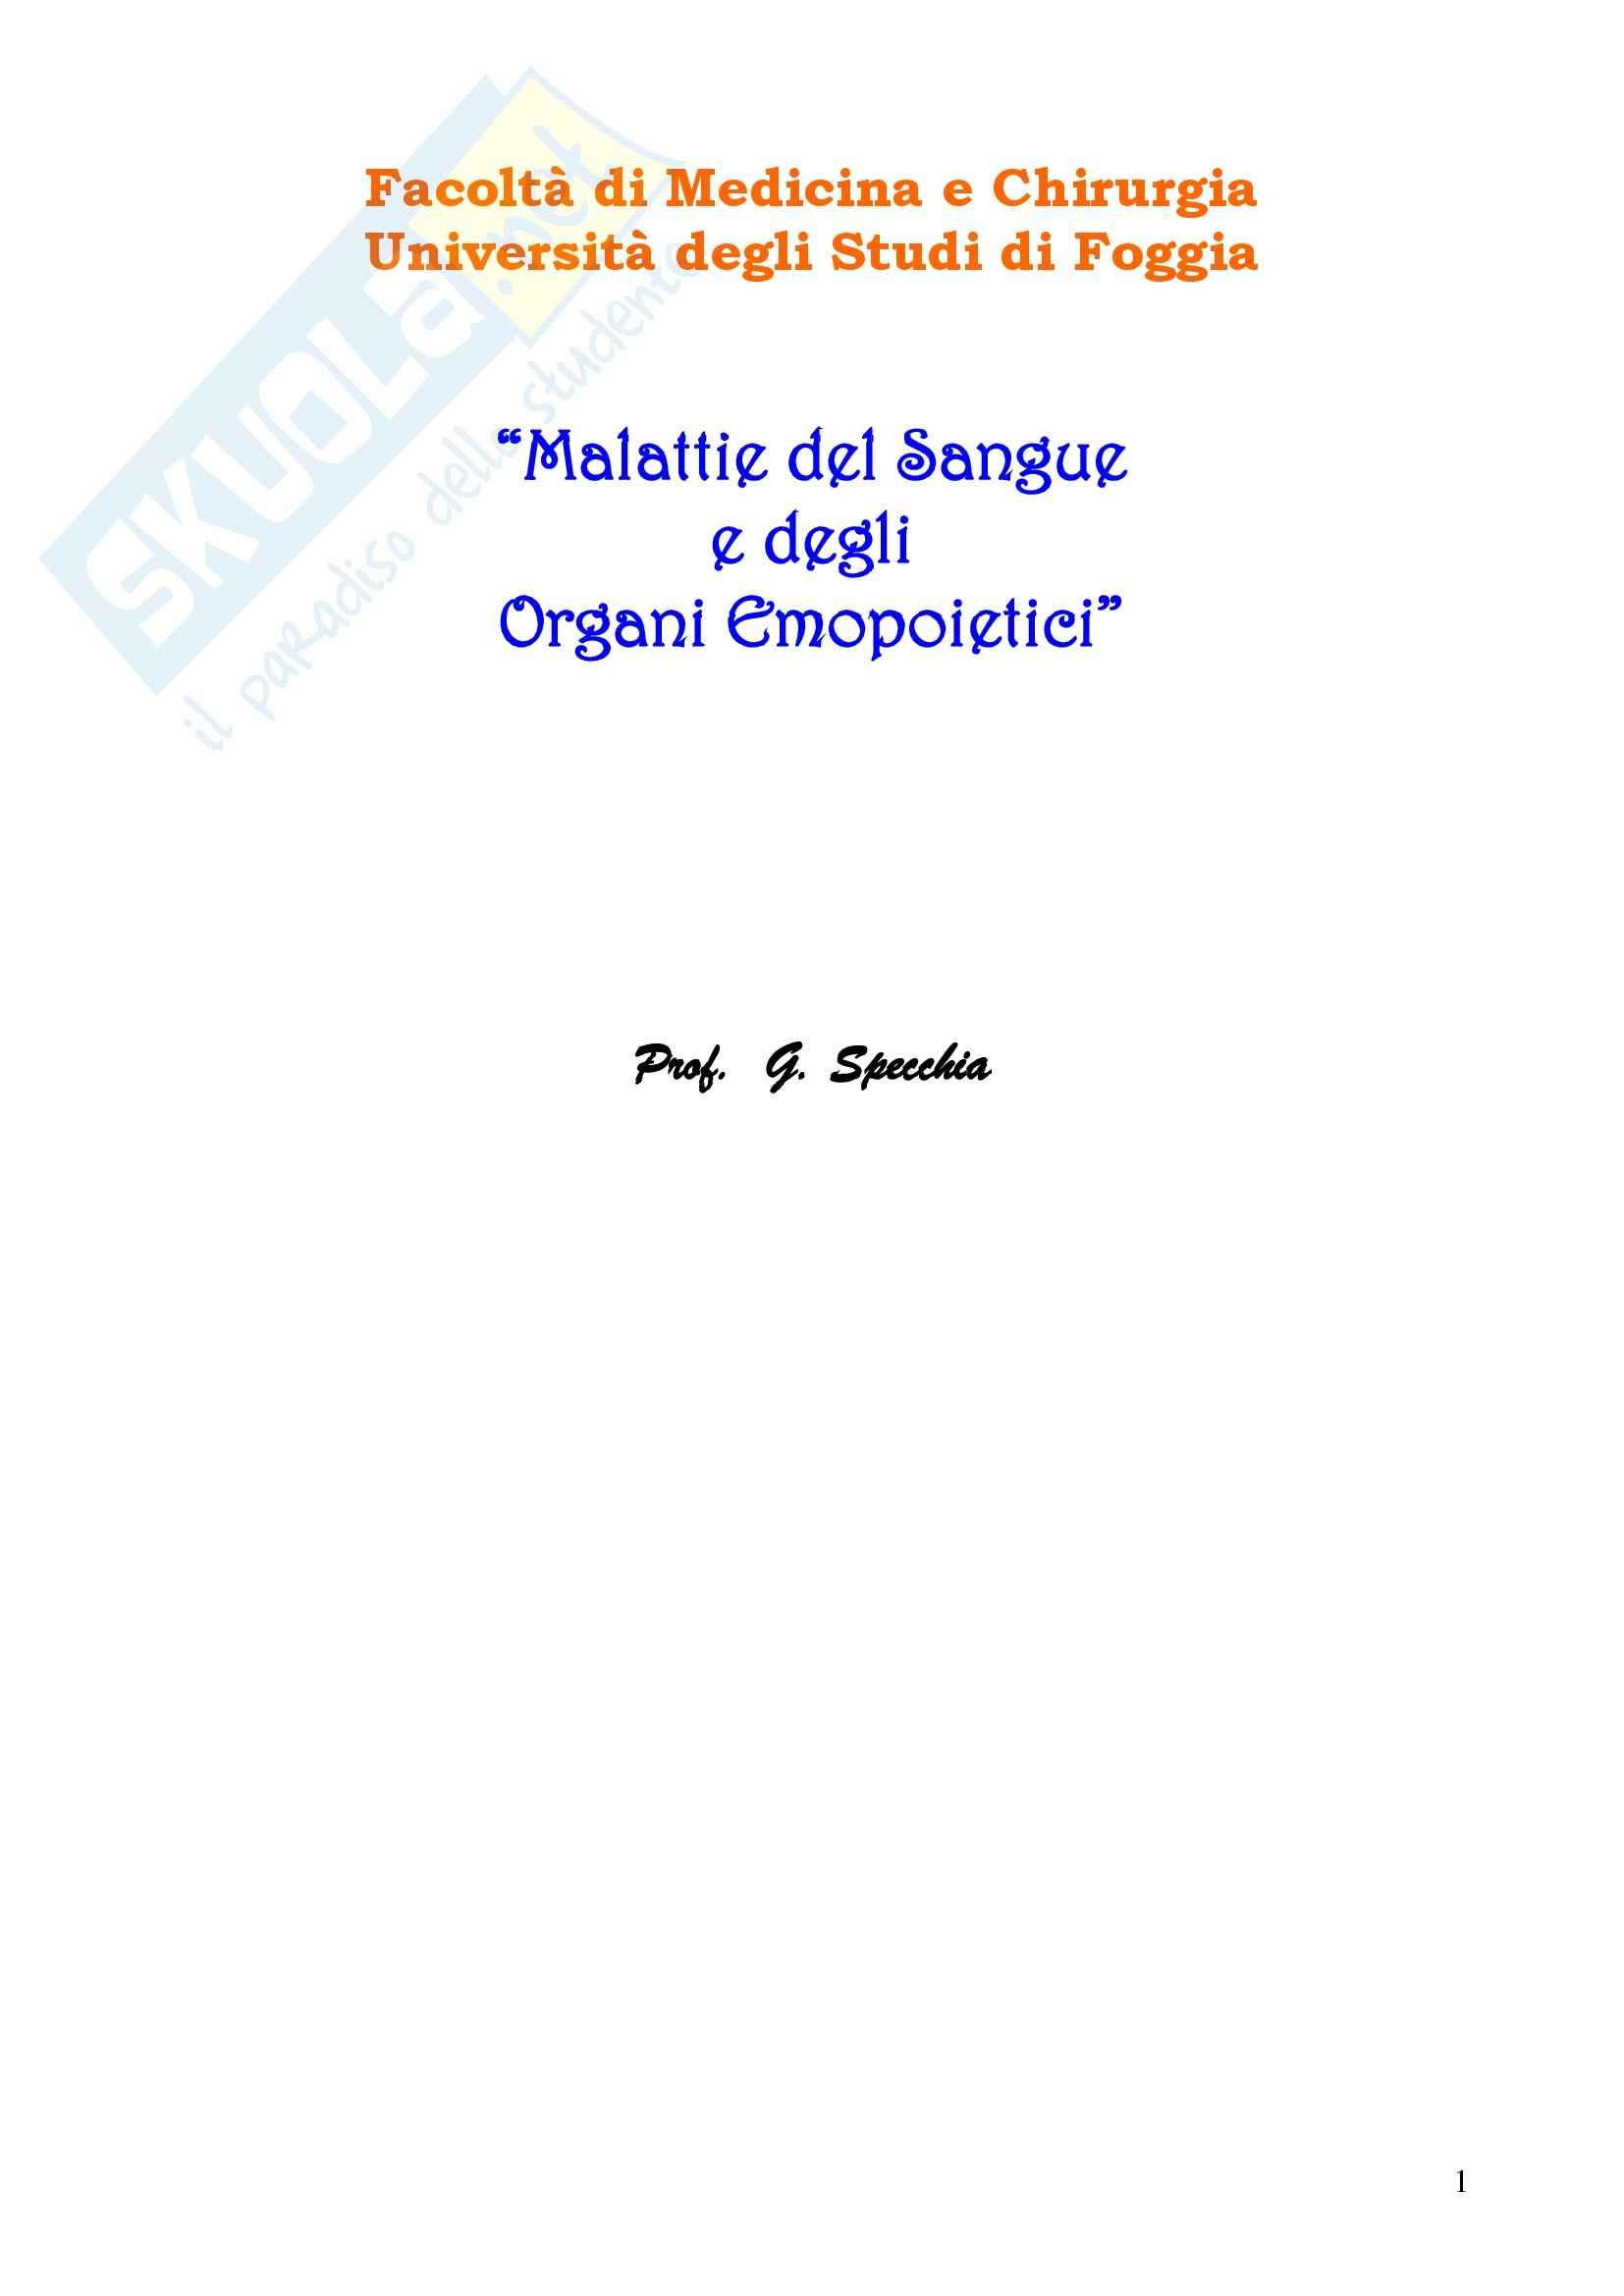 Ematologia - Malattie del sangue e degli organi ematopoietici